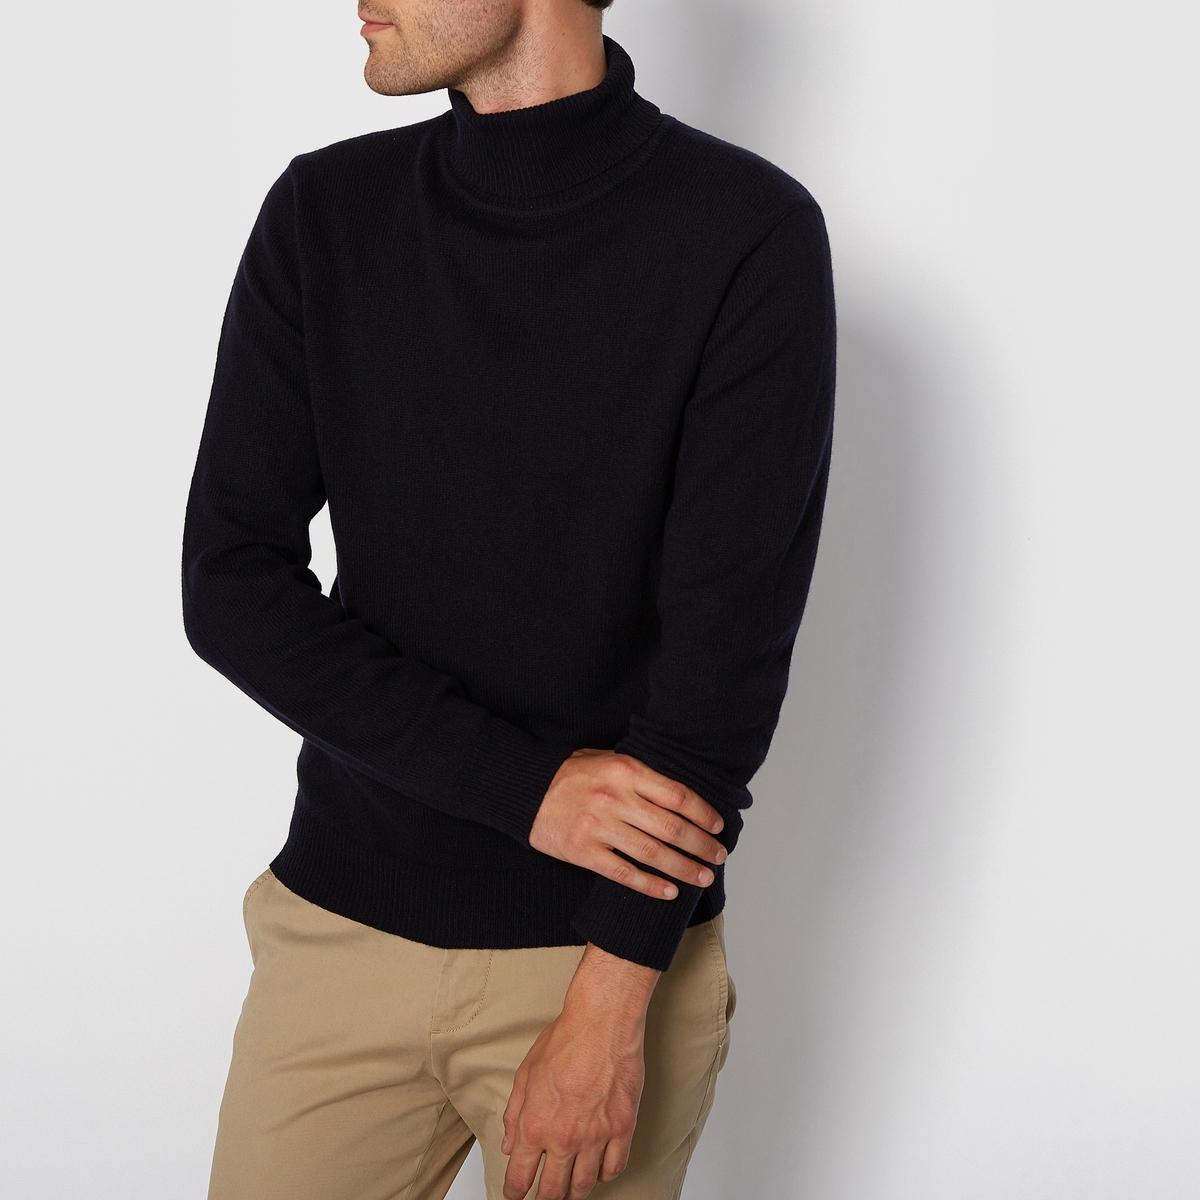 Пуловер с закатывающимся воротником 100% шерстьПуловер с закатывающимся воротником, 100% шерсть, R essentiel. Нежность и теплота 100% шерсти ягненка, высокий закатывающийся воротник - этот пуловер можно с удовольствием носить всю зиму на голое тело или с рубашкой в стиле casual. Материал : 100% шерсть ягненка. Поярок.Пуловер с длинными рукавами.Воротник хомут.<br><br>Цвет: темно-серый меланж,темно-синий<br>Размер: 3XL.3XL.XXL.XL.L.M